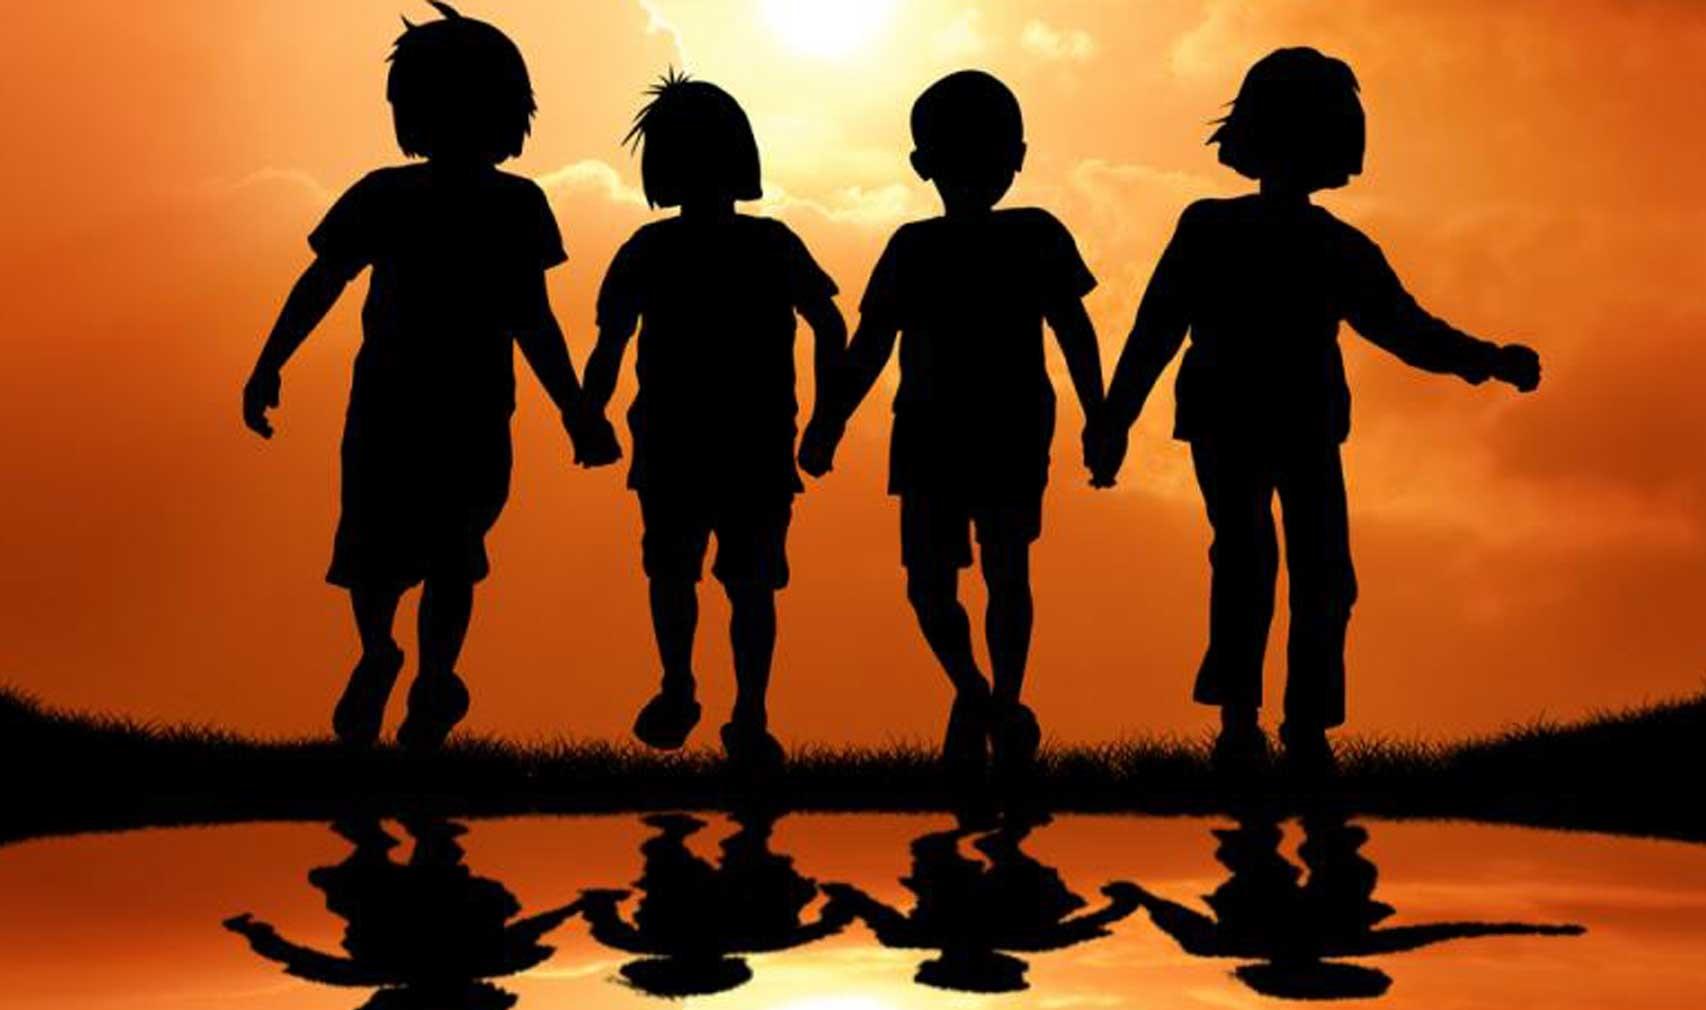 بالصور عبارات جميلة عن الصداقة , اجمل كلمات تعبر عن الصداقه في حياتنا 3857 11